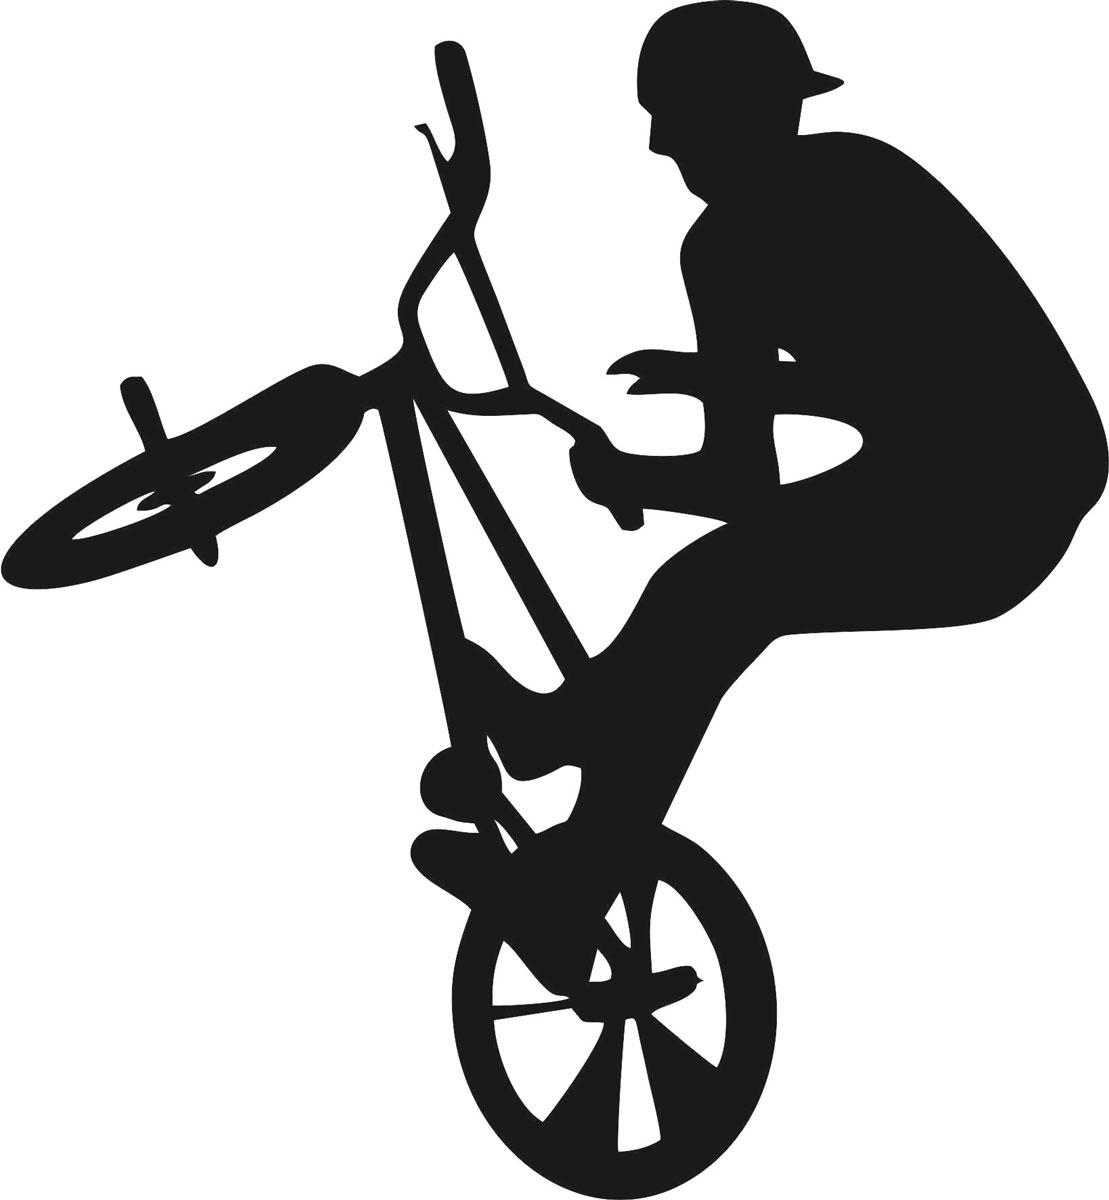 Наклейка автомобильная Оранжевый слоник Велосипедист, виниловая, цвет: черныйCA-3505Оригинальная наклейка Оранжевый слоник Велосипедист изготовлена из высококачественной виниловой пленки, которая выполняет не только декоративную функцию, но и защищает кузов автомобиля от небольших механических повреждений, либо скрывает уже существующие.Виниловые наклейки на автомобиль - это не только красиво, но еще и быстро! Всего за несколько минут вы можете полностью преобразить свой автомобиль, сделать его ярким, необычным, особенным и неповторимым!